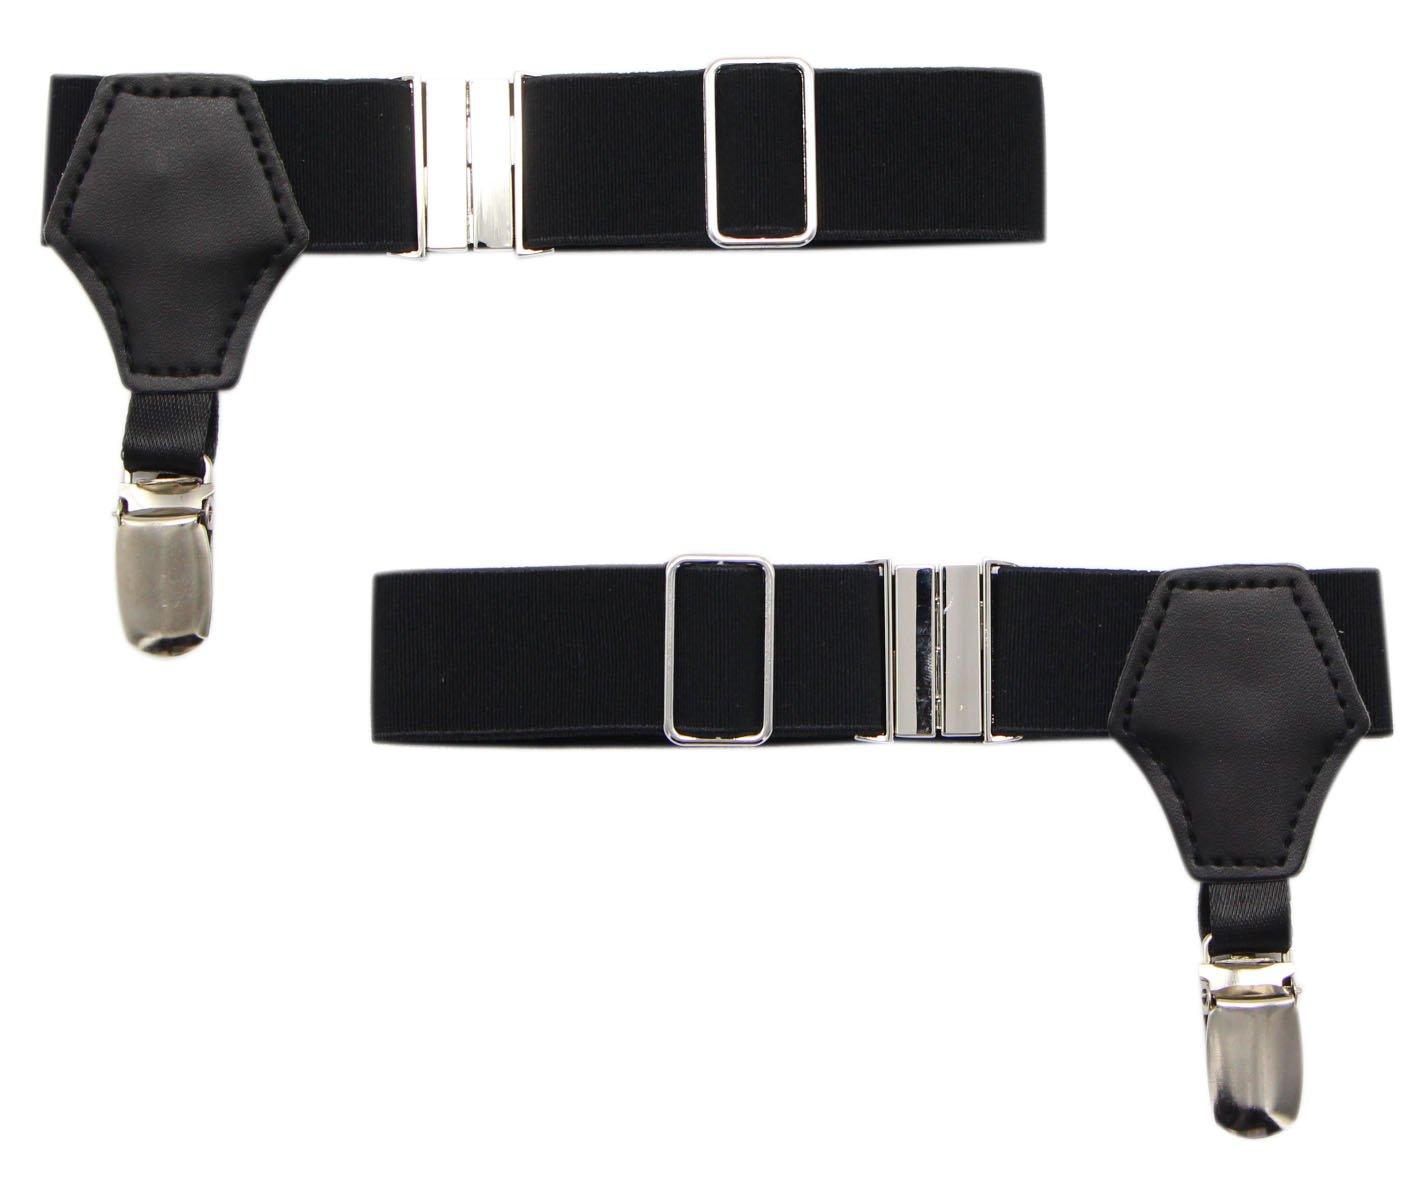 JAIFEI Premium 2-Pack Sock Holders- The Sturdiest Clip Sock Suspenders For Cotton & Silk Socks (Black)